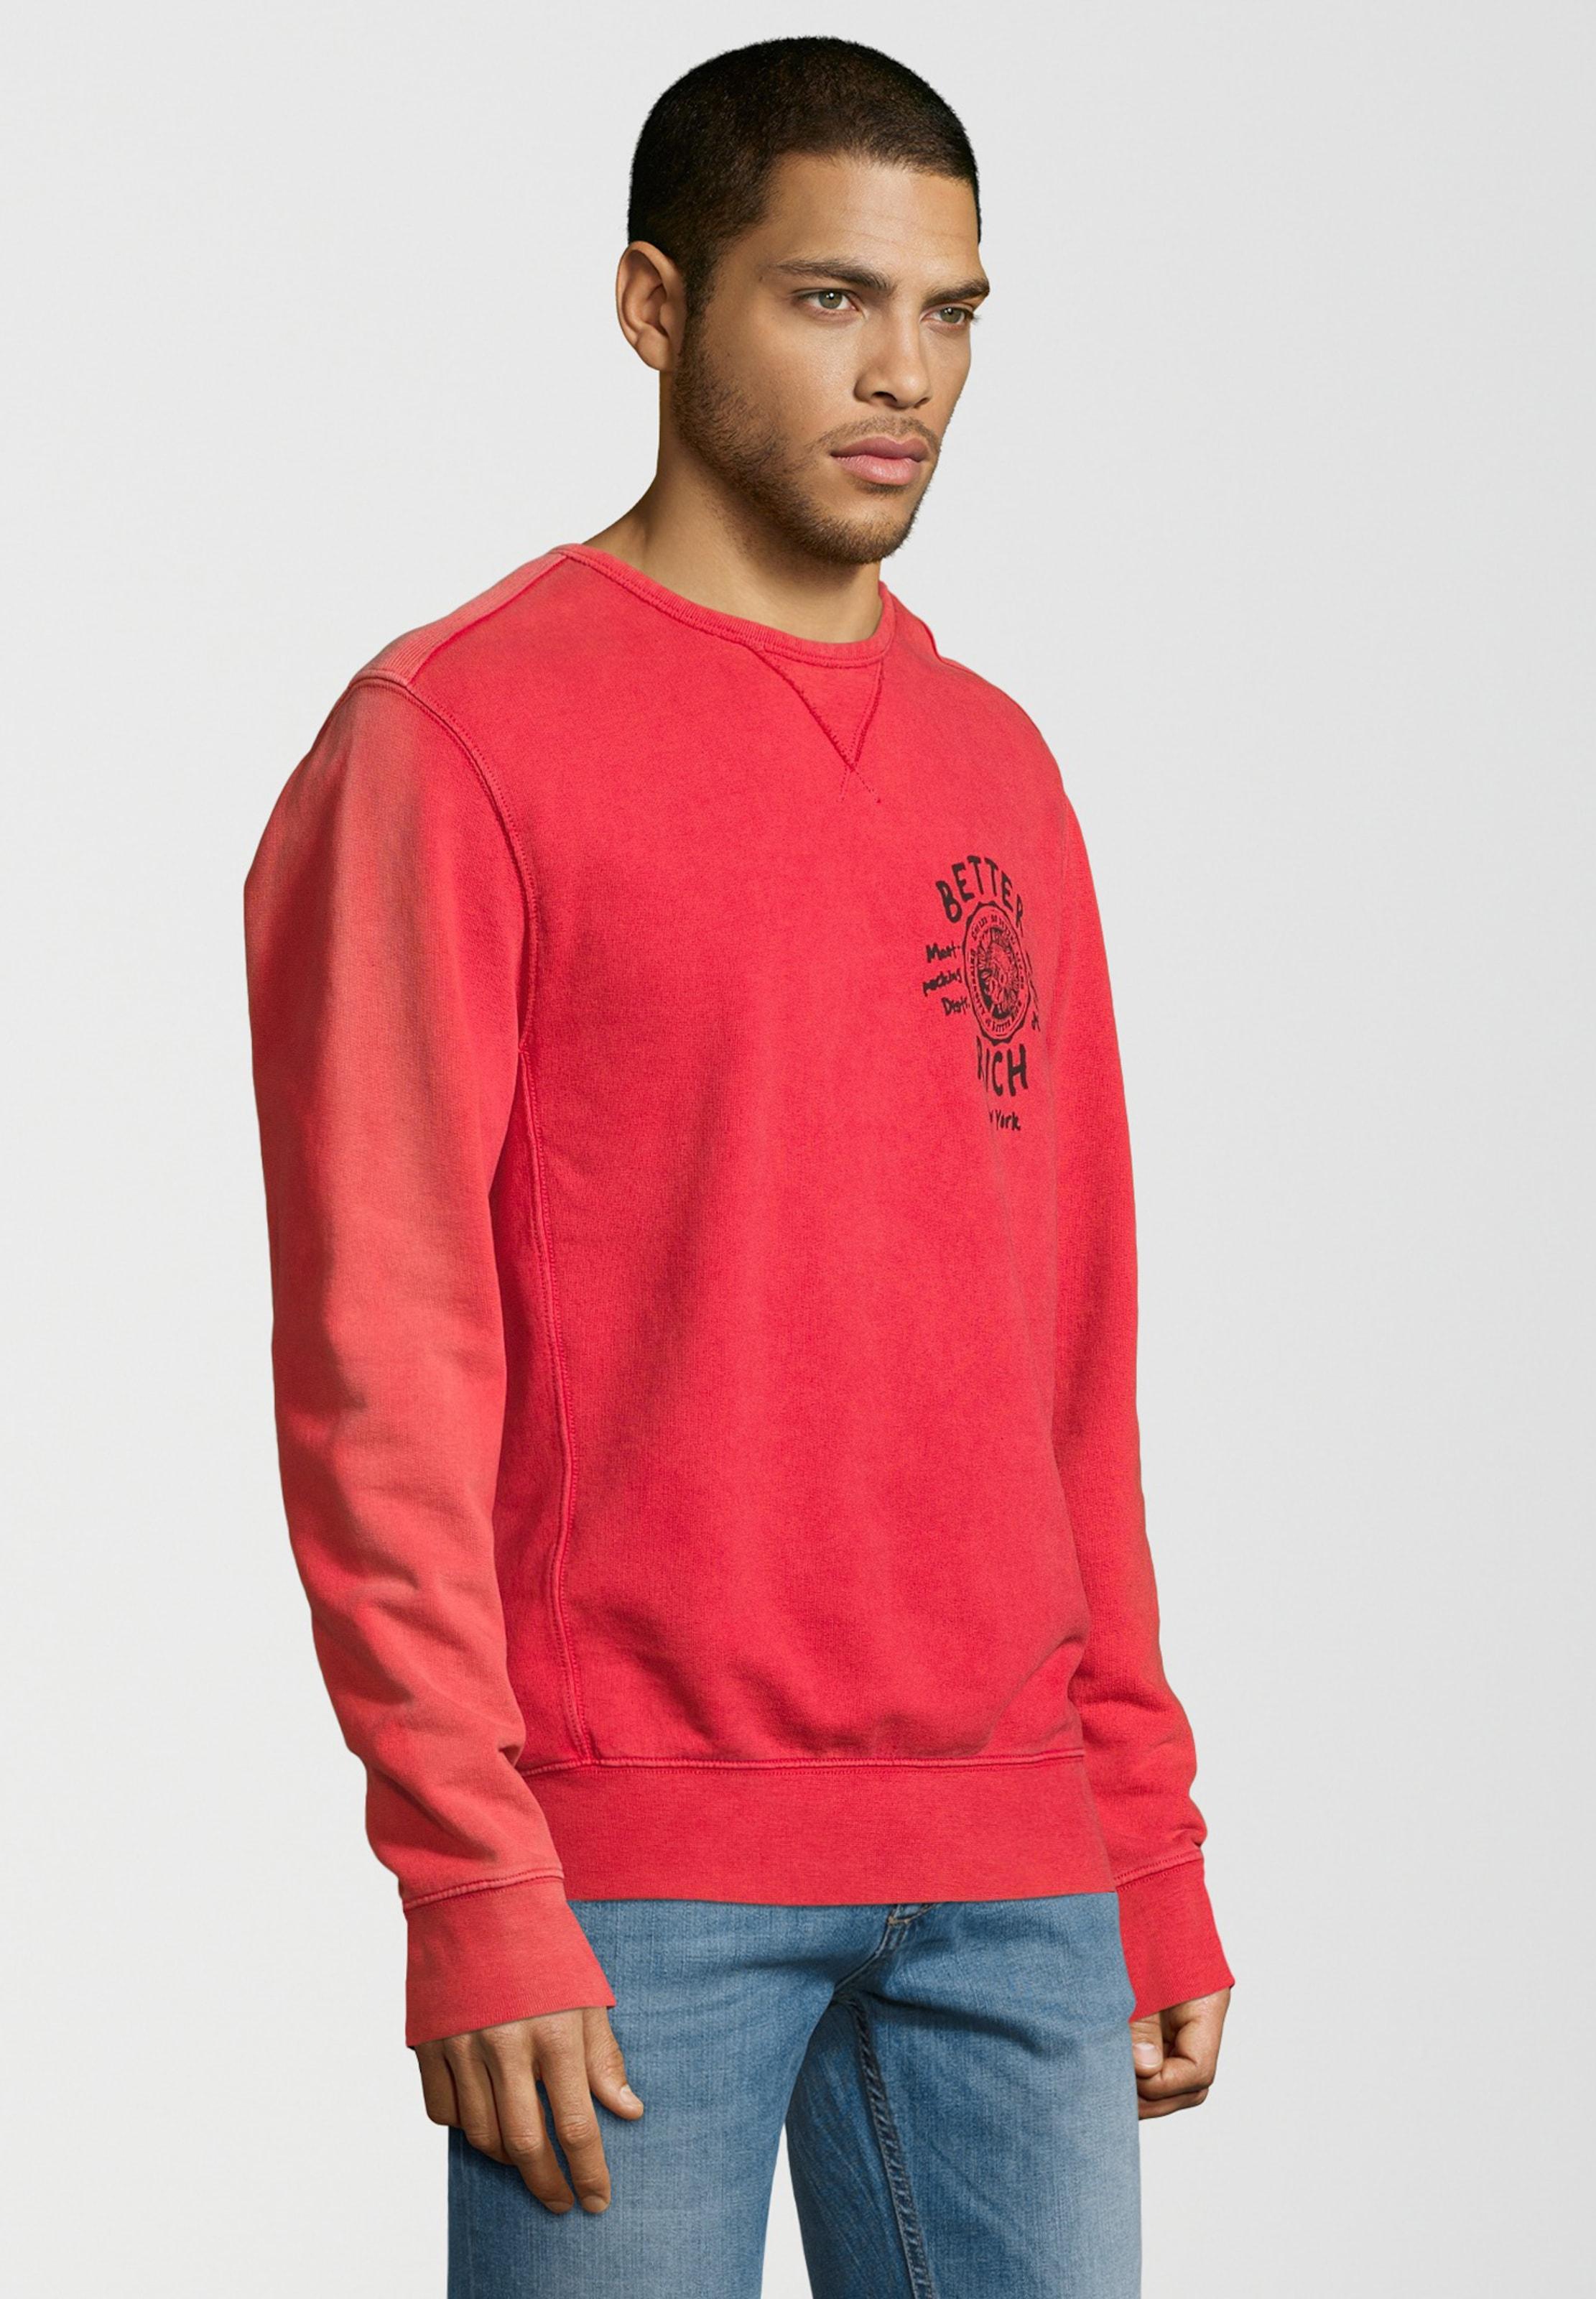 BETTER RICH Sweatshirt UNIVERSITY ACID Verkauf Suchen Billig Rabatt Authentisch xk4JJU4